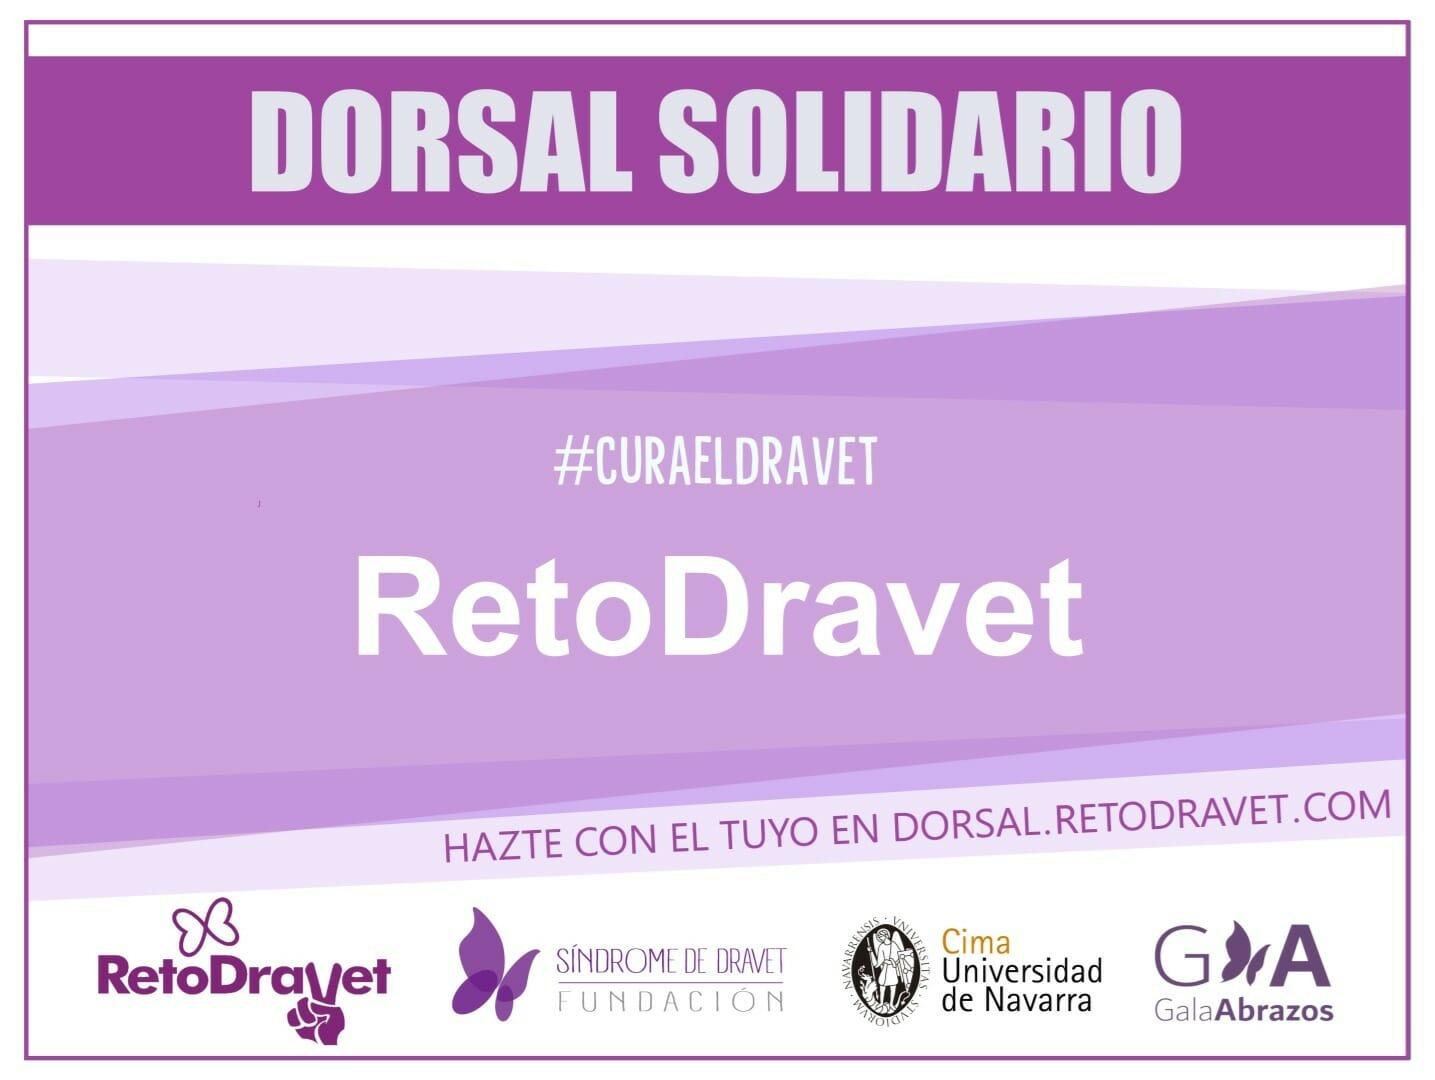 Dorsal solidario 2019